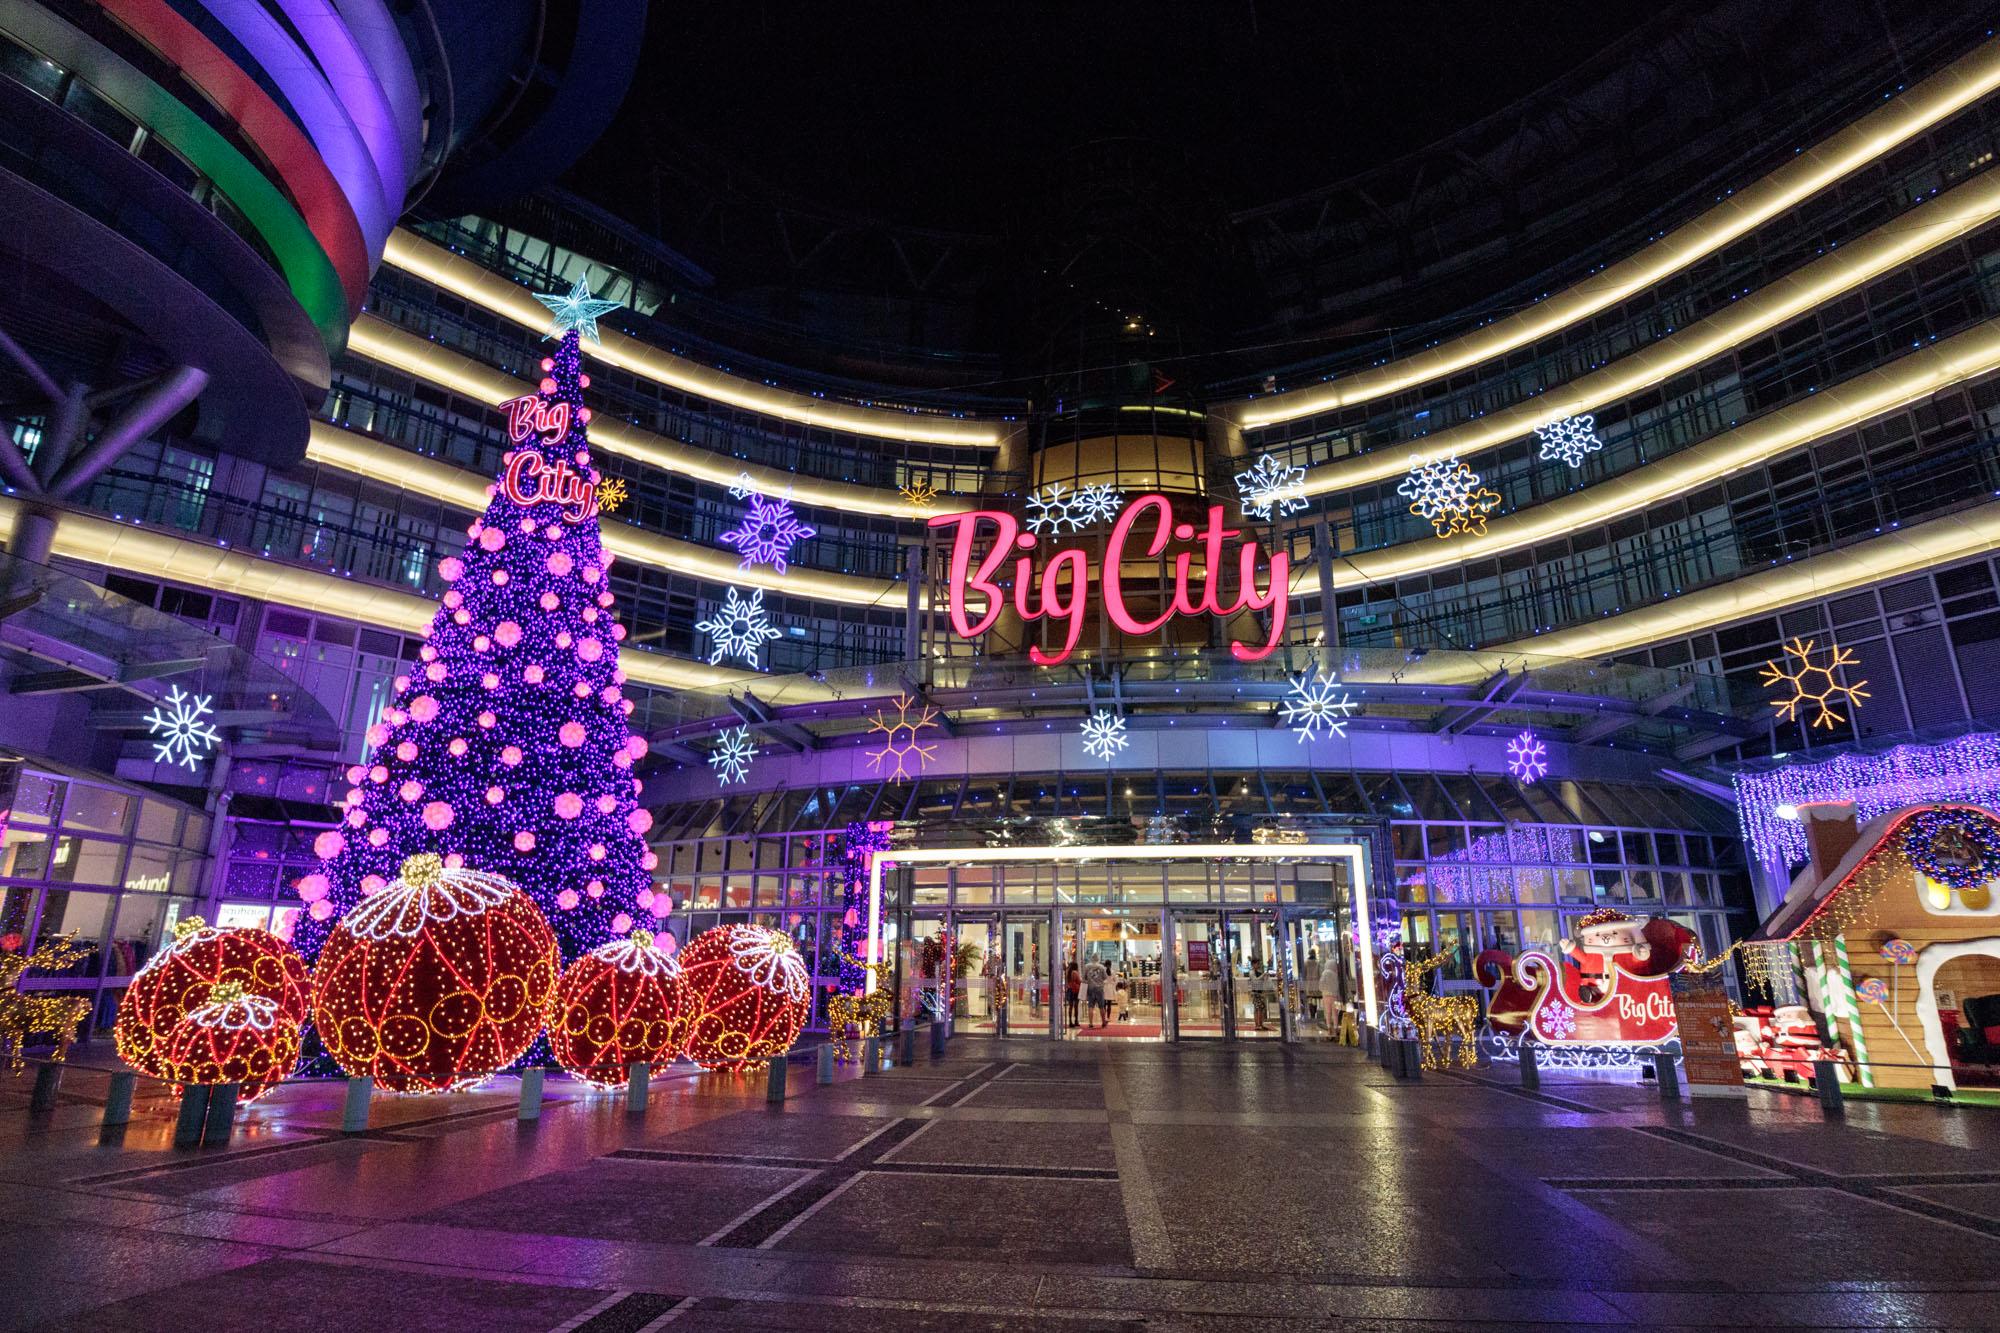 |新竹。東區|2018 Big City 巨城購物中心-15米高聖誕樹點亮!